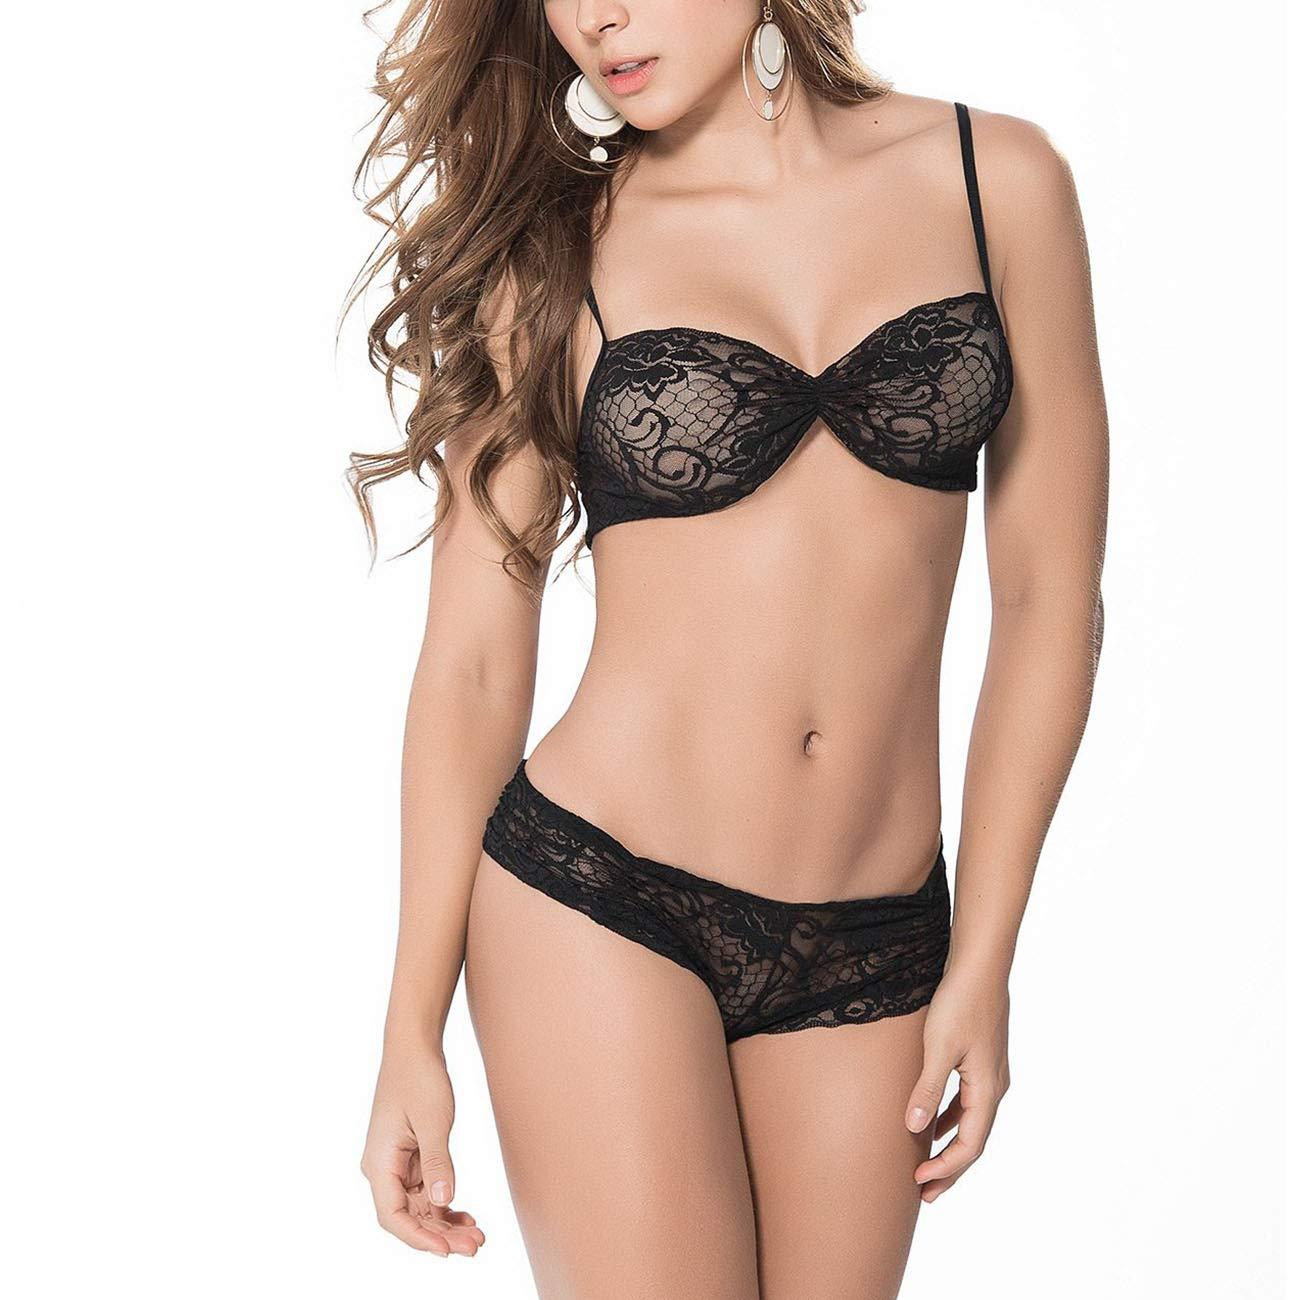 flora lace bra panty set